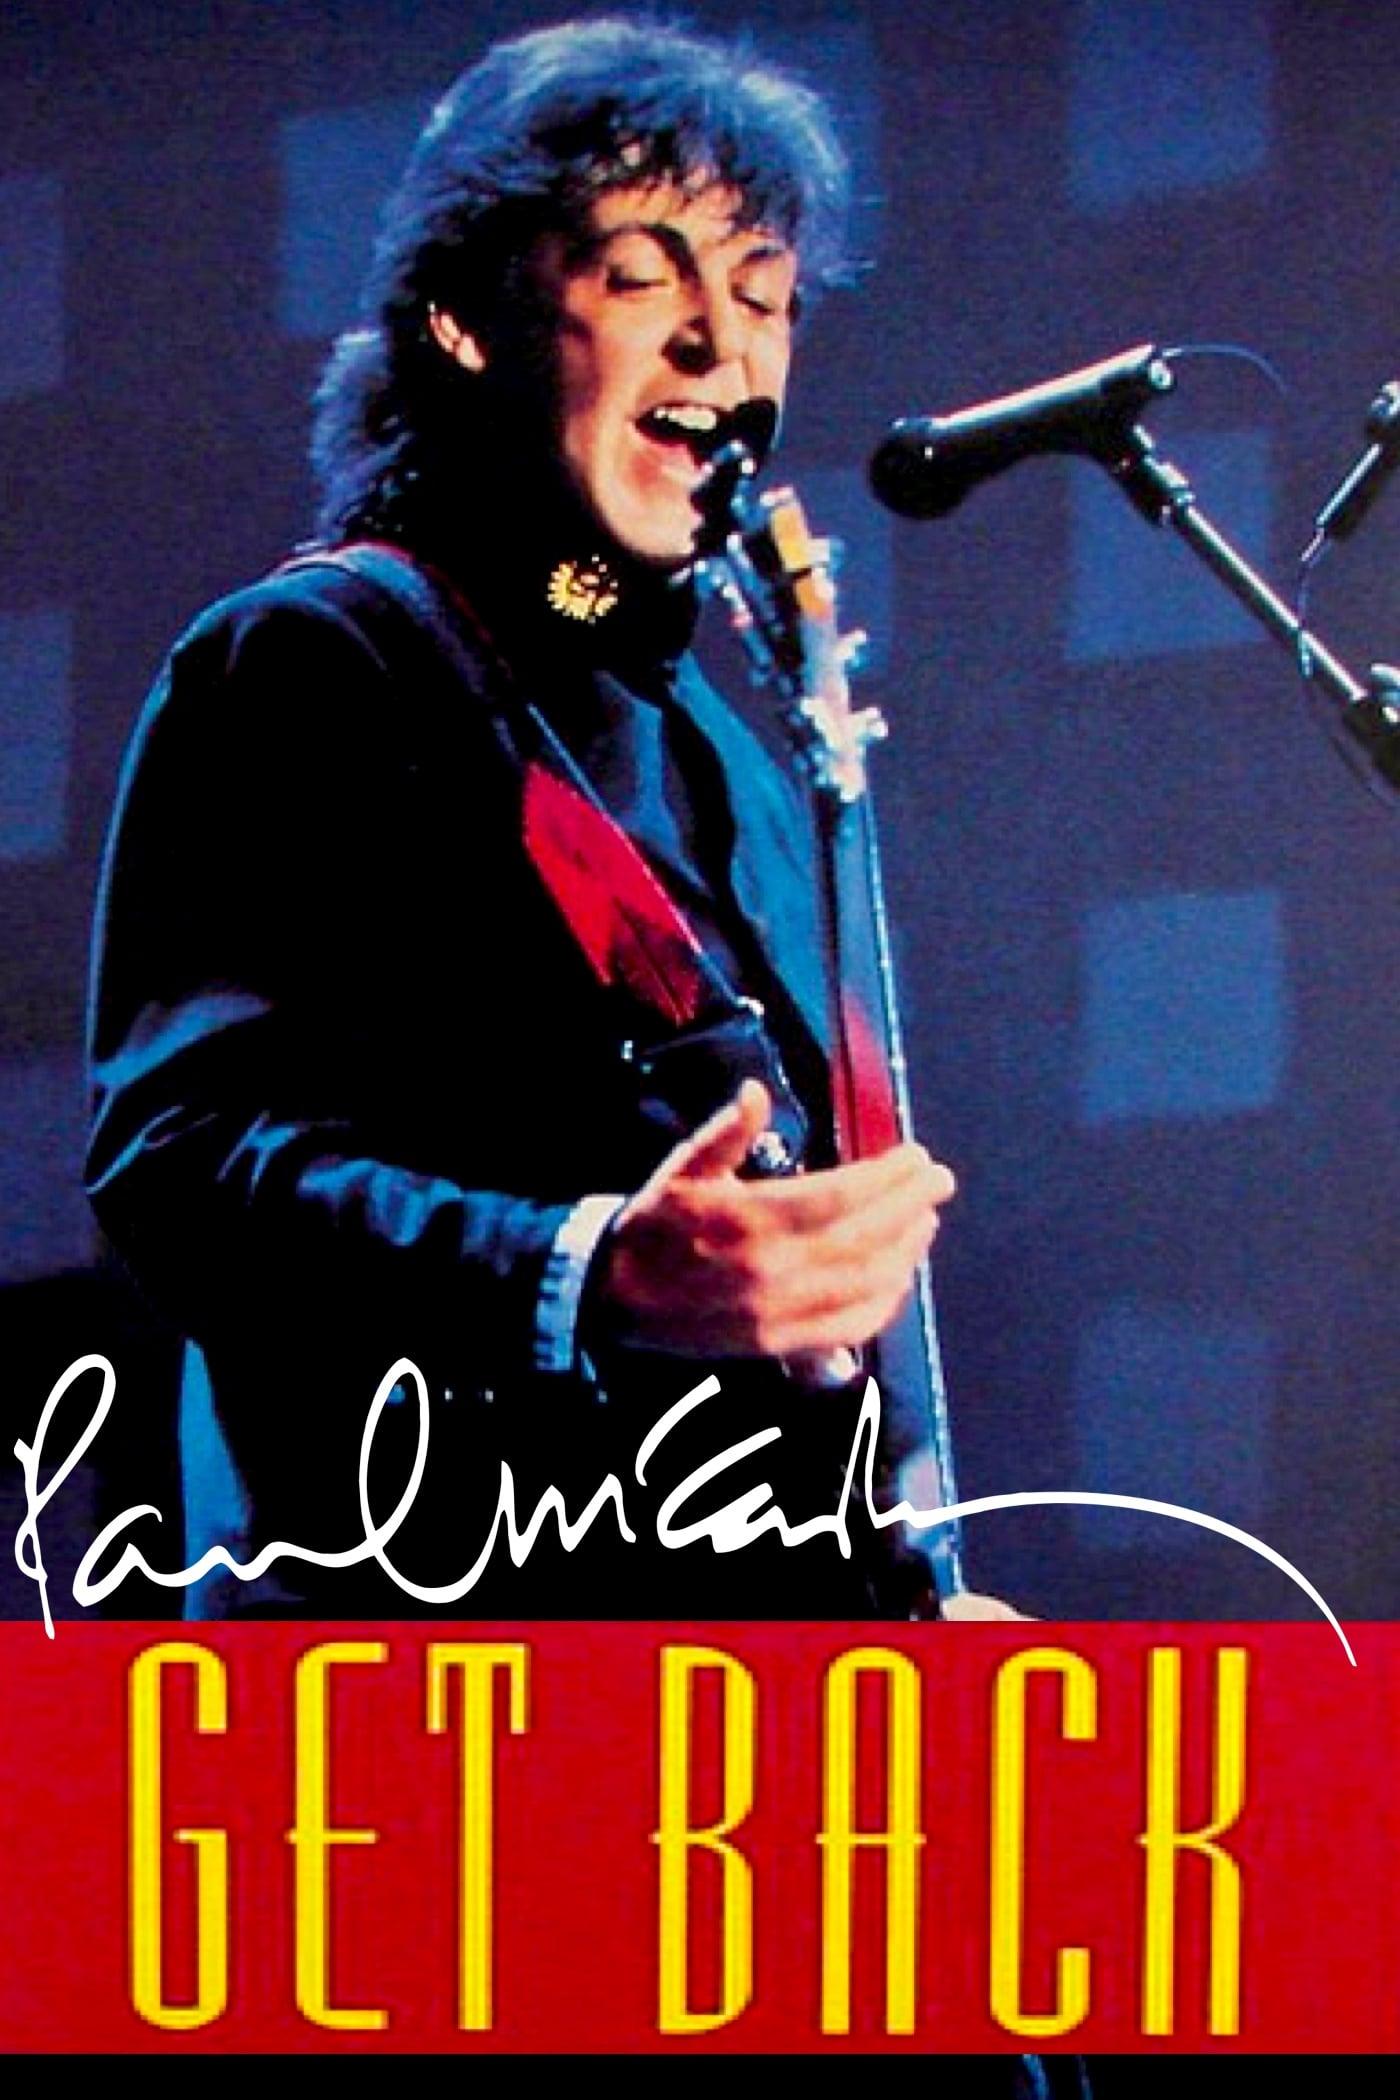 Paul McCartney: Paul McCartney's Get Back (1991)